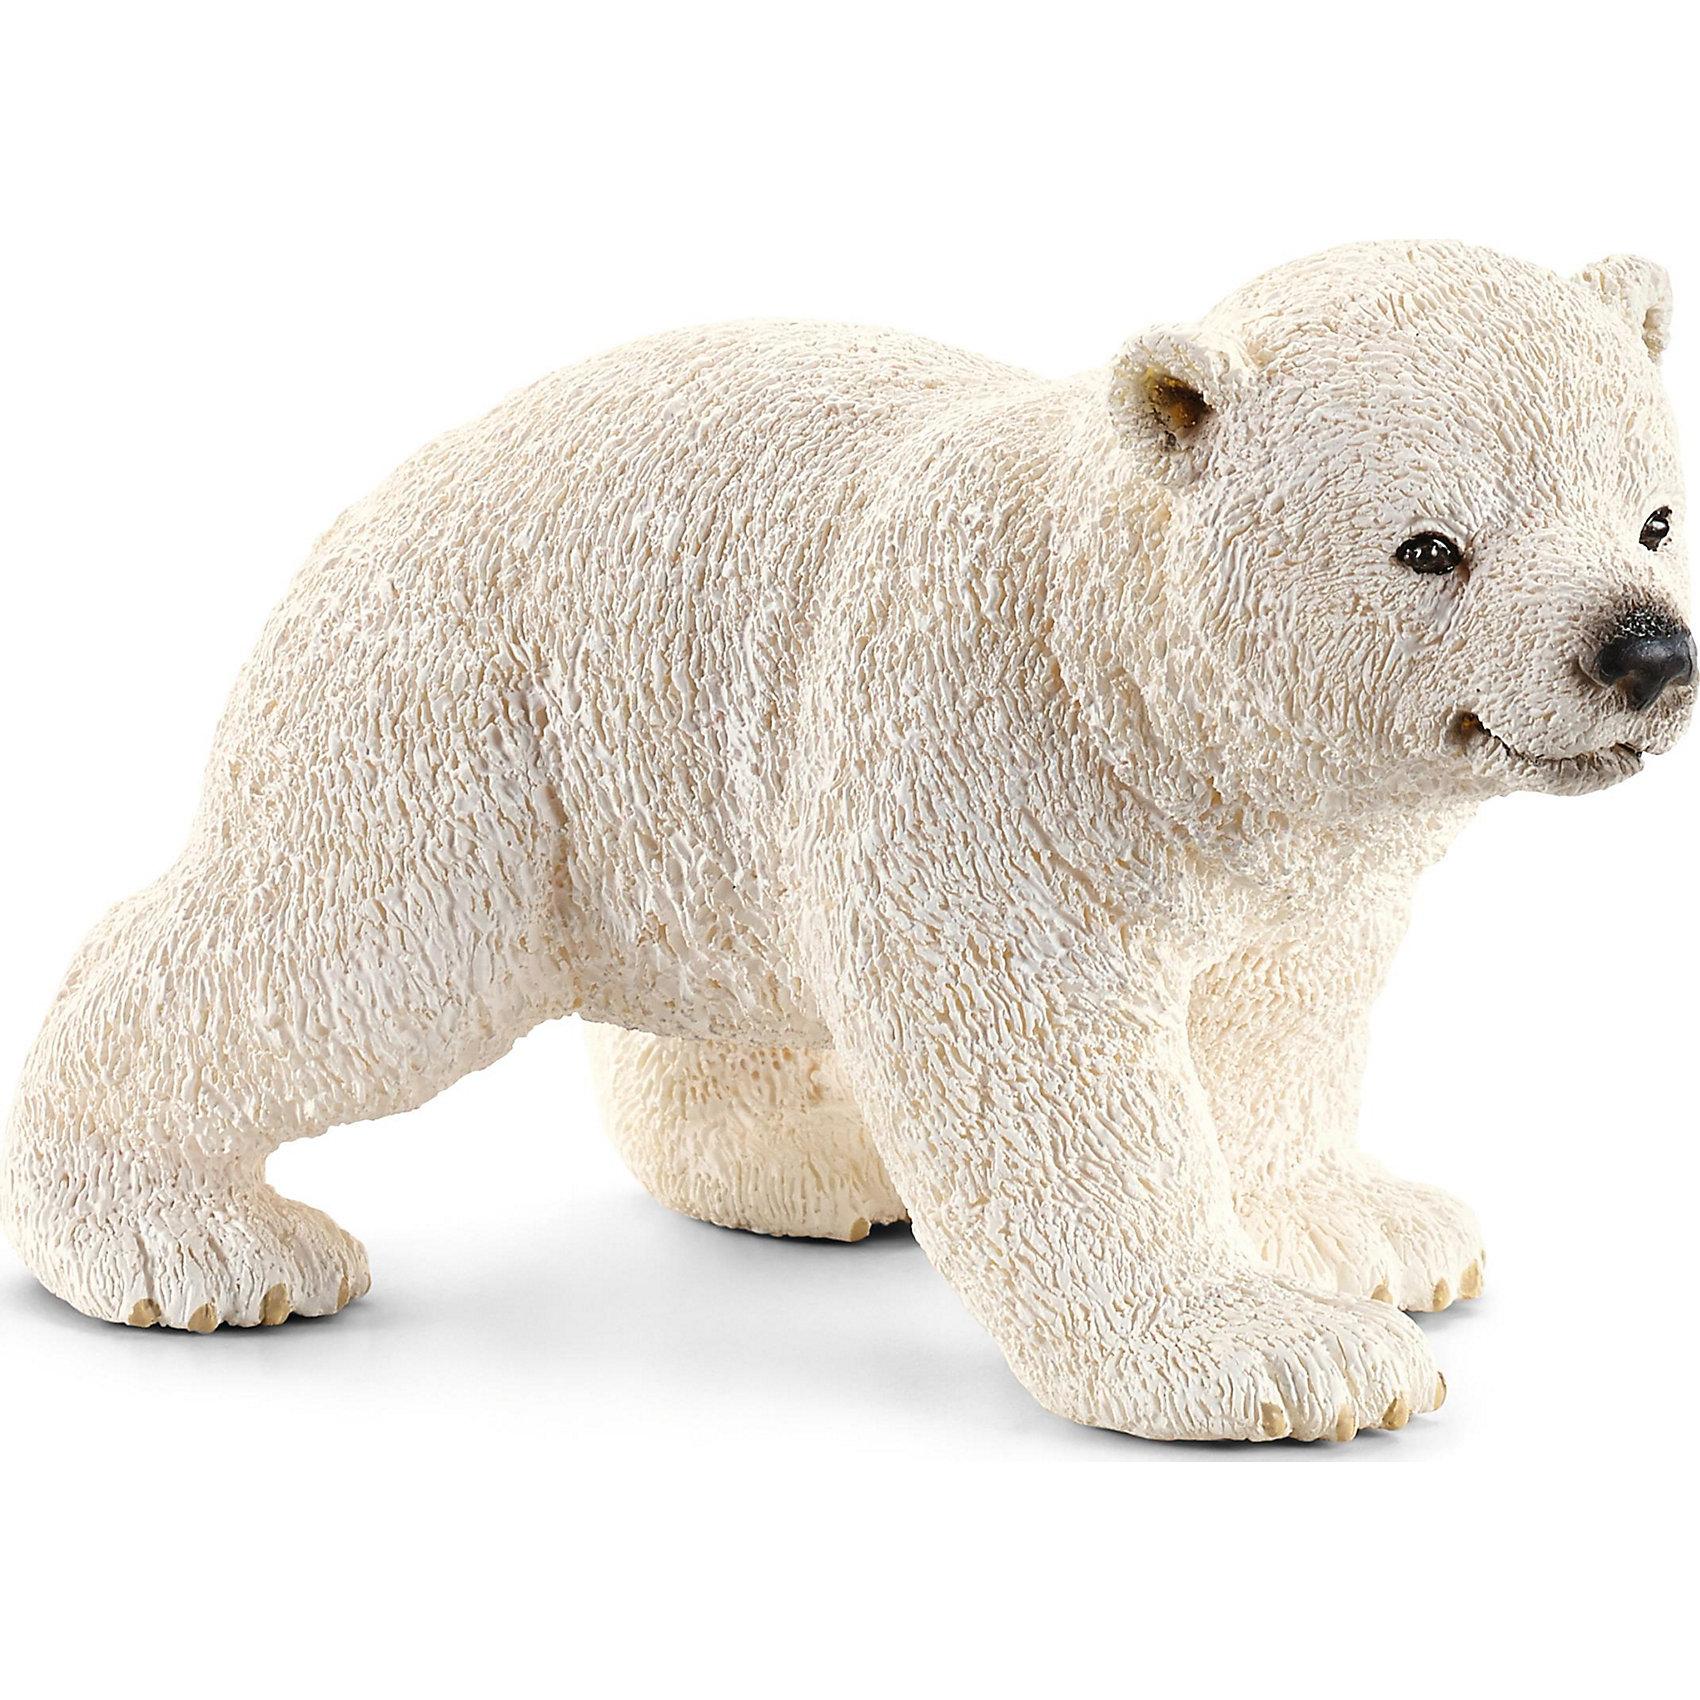 Белый медвежонок, SchleichМир животных<br>Белый медвежонок, Schleich (Шляйх) - коллекционная и игровая фигурка от немецкого производителя Schleich (Шляйх).<br>Фигурка очаровательного белого медвежонка с черными глазками обязательно понравится вашему ребенку и станет прекрасным дополнением его коллекции фигурок от Schleich (Шляйх). Белые медведи, как и медведи Гризли, являются одними из самых крупных хищников на планете, их длина составляет 3 метра. Благодаря толстому слою жира и плотной шкуре, они способны выдерживать экстремально низкие температуры арктического холода. Это также позволяет им плавать в воде нулевой температуры и добывать себе рыбу. Белые медведи прекрасные пловцы и имеют очень чуткий нюх. Все фигурки Schleich (Шляйх) сделаны из гипоаллергенных высокотехнологичных материалов, раскрашены вручную и не вызывают аллергии у ребенка. Прекрасно выполненные фигурки Schleich (Шляйх) отличаются высочайшим качеством игрушек ручной работы. Все они создаются при постоянном сотрудничестве с Берлинским зоопарком, а потому, являются максимально точной копией настоящих животных. Каждая фигурка разработана с учетом исследований в области педагогики и производится как настоящее произведение для маленьких детских ручек.<br><br>Дополнительная информация:<br><br>-Размер фигурки: 4,1 x 6,6 x 4,1 см.<br>-Вес фигурки: 9 грамм<br>-Материал: каучуковый пластик<br><br>Белый медвежонок, Schleich (Шляйх) - ваш ребенок будет наслаждаться игрой с новой восхитительной игрушкой.<br><br>Фигурку Белого медвежонка, Schleich (Шляйх) можно купить в нашем интернет-магазине.<br><br>Ширина мм: 73<br>Глубина мм: 50<br>Высота мм: 35<br>Вес г: 29<br>Возраст от месяцев: 36<br>Возраст до месяцев: 96<br>Пол: Унисекс<br>Возраст: Детский<br>SKU: 3443135